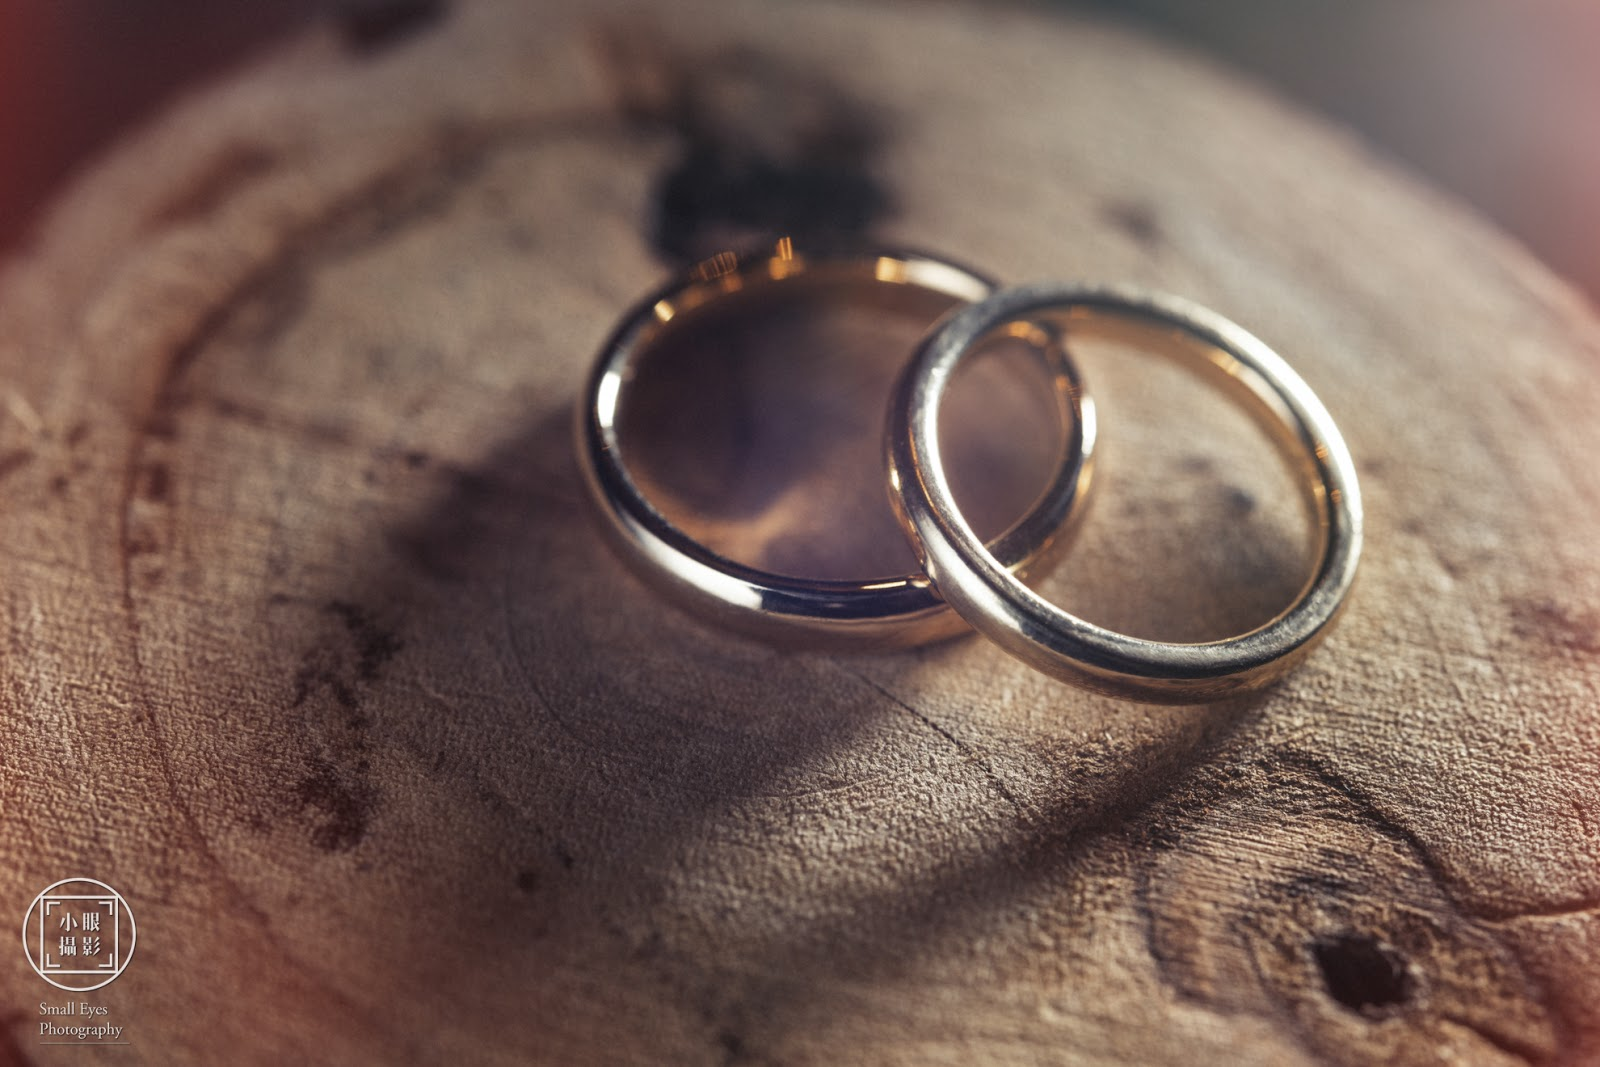 婚攝,小眼攝影,婚禮紀實,婚禮紀錄,婚紗,國內婚紗,海外婚紗,寫真,婚攝小眼,台北,晶華酒店,自主婚紗,自助婚紗,中式,傳統,訂婚,文定,迎娶,闖關,祭祖,儀式